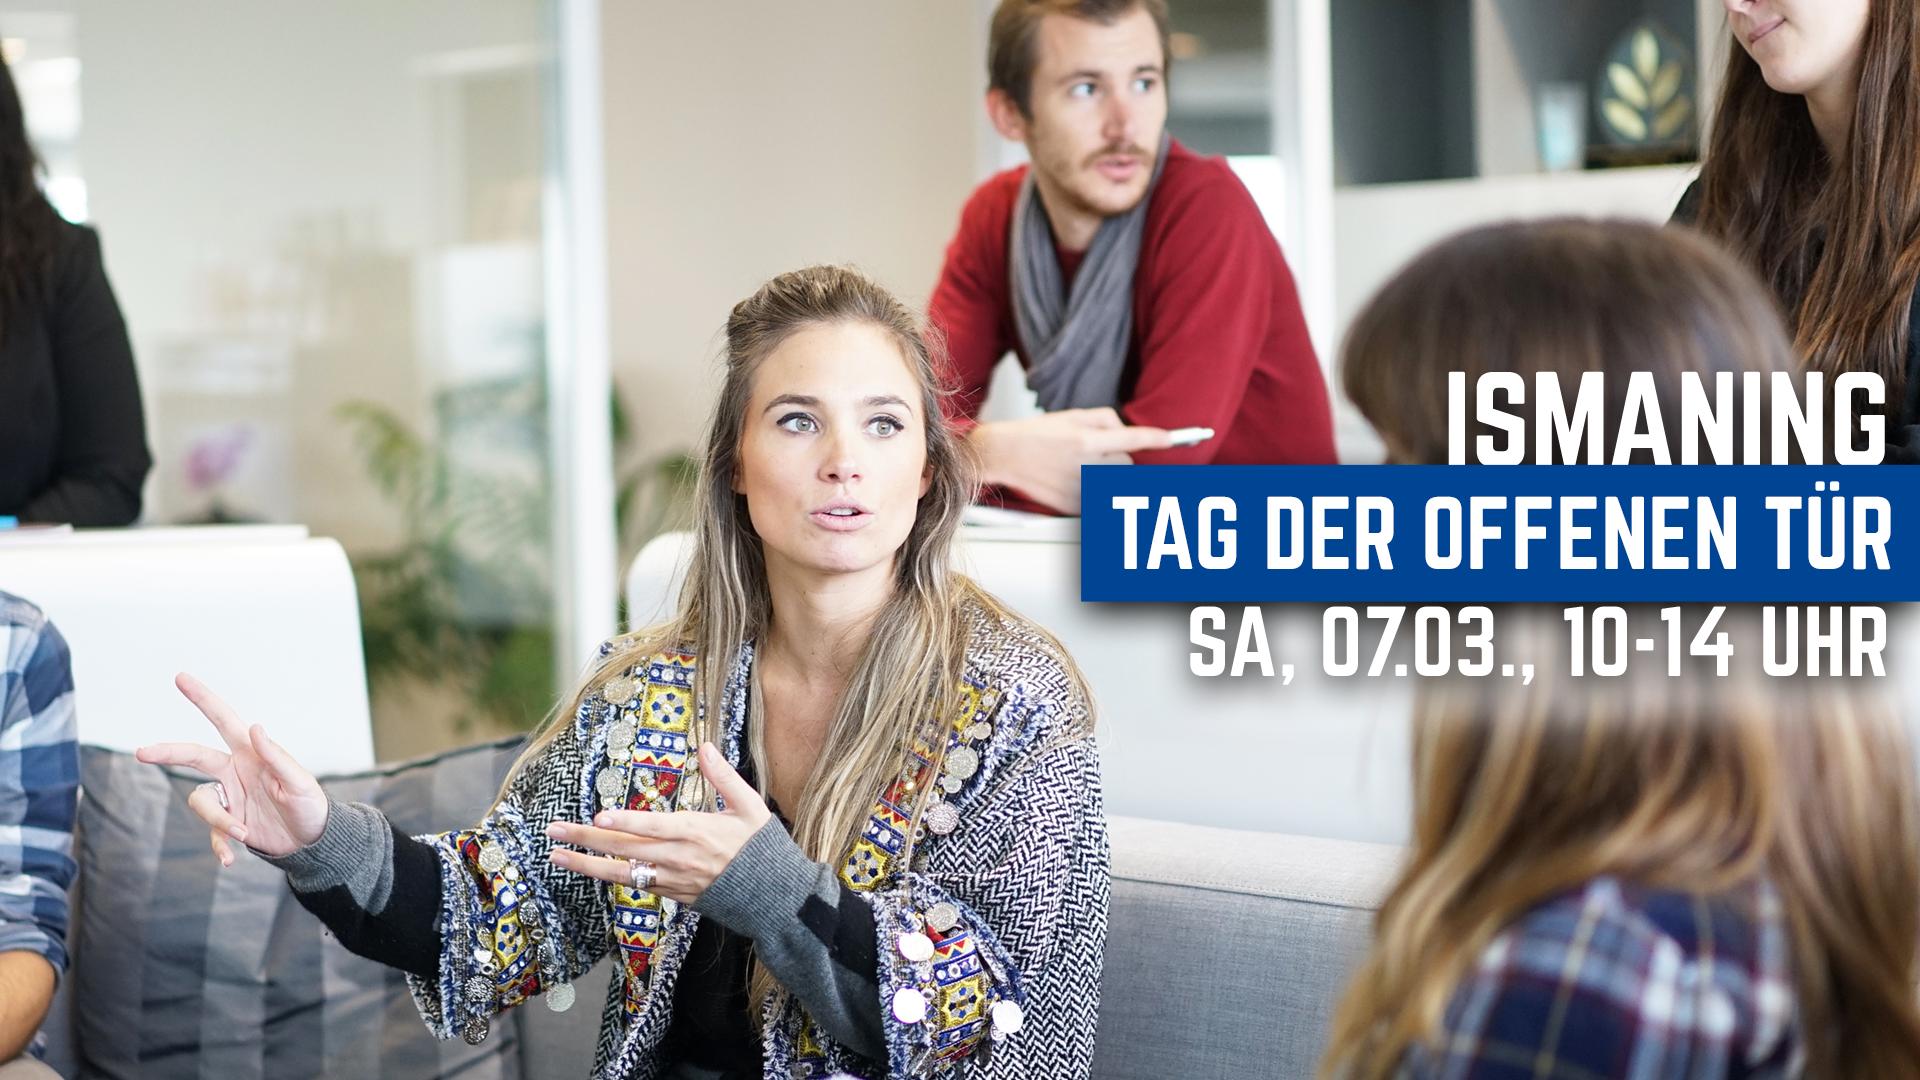 Menschen im Austausch, Einladung zum Tag der offenen Tür in Ismaning am 07.03. von 10 bis 14 Uhr.